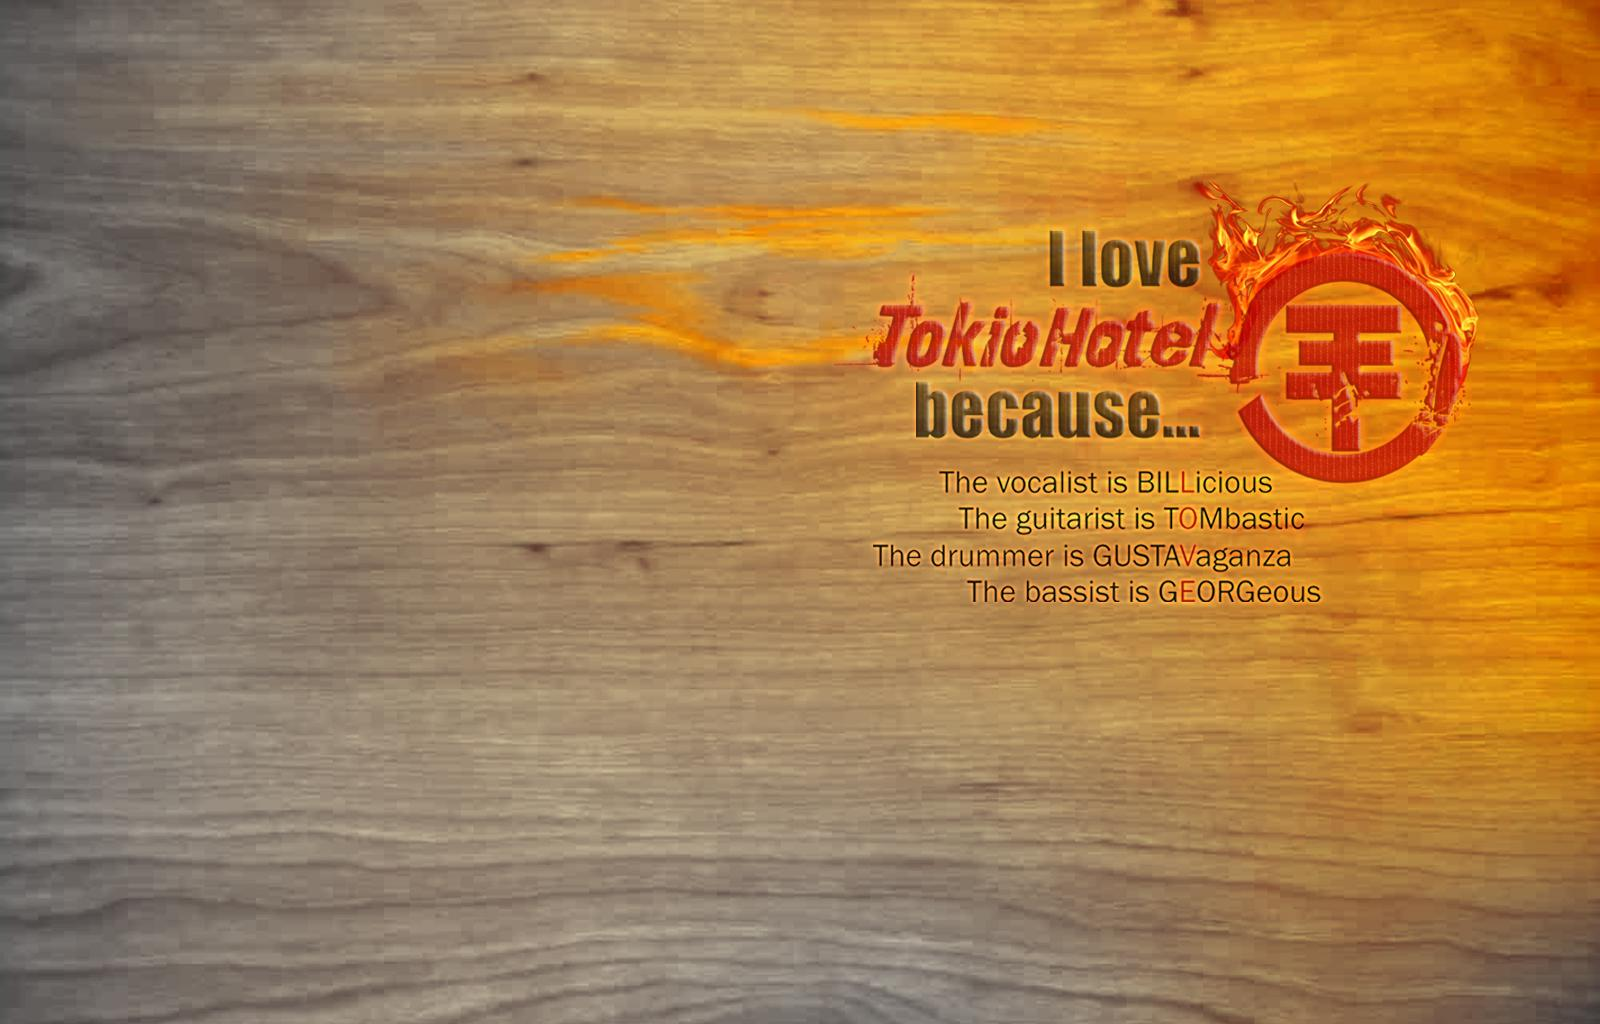 Tokio Hotel Indonesia